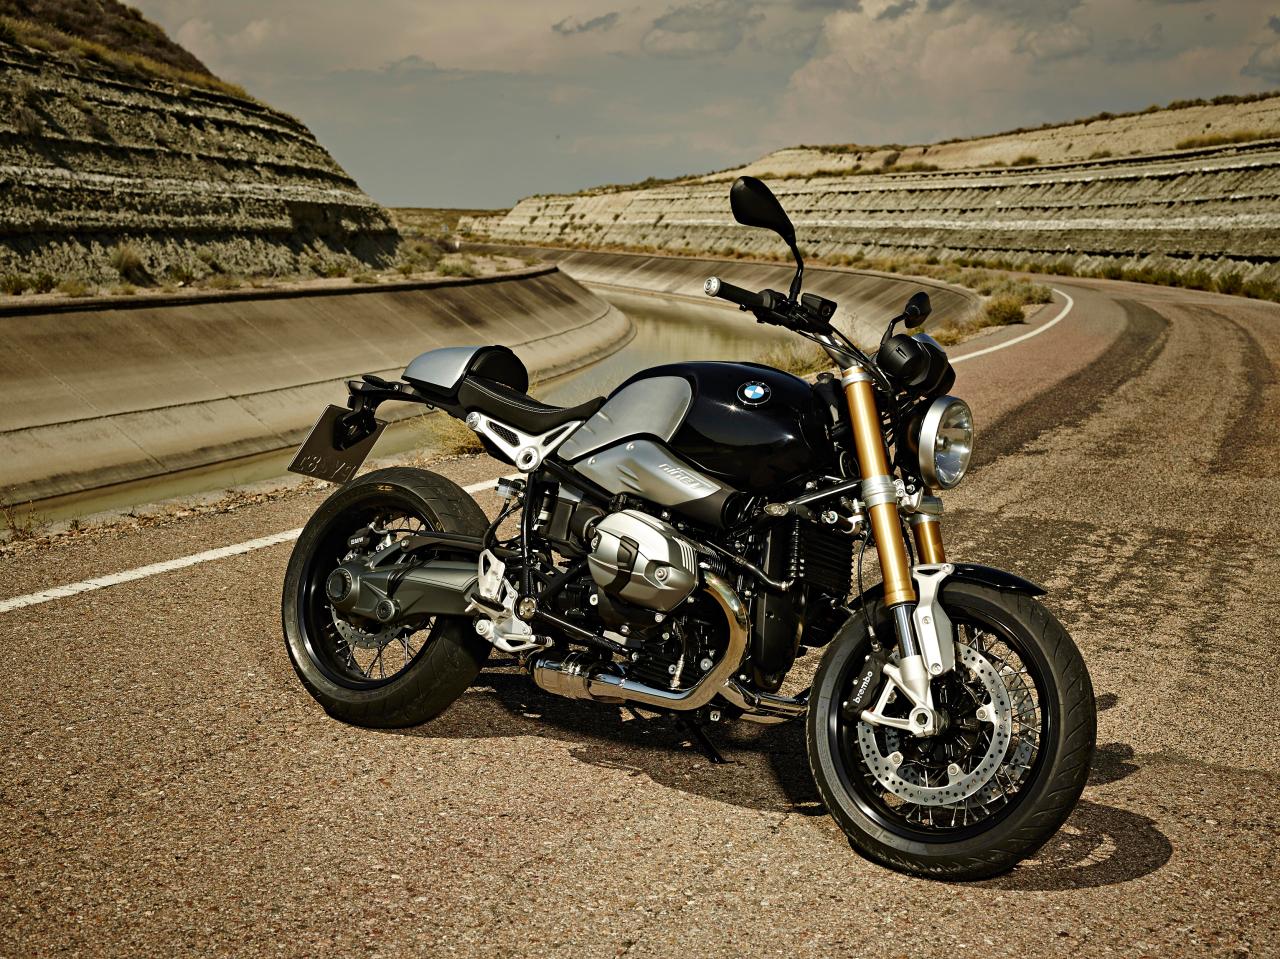 le salon de la moto 2013 l 39 argus. Black Bedroom Furniture Sets. Home Design Ideas